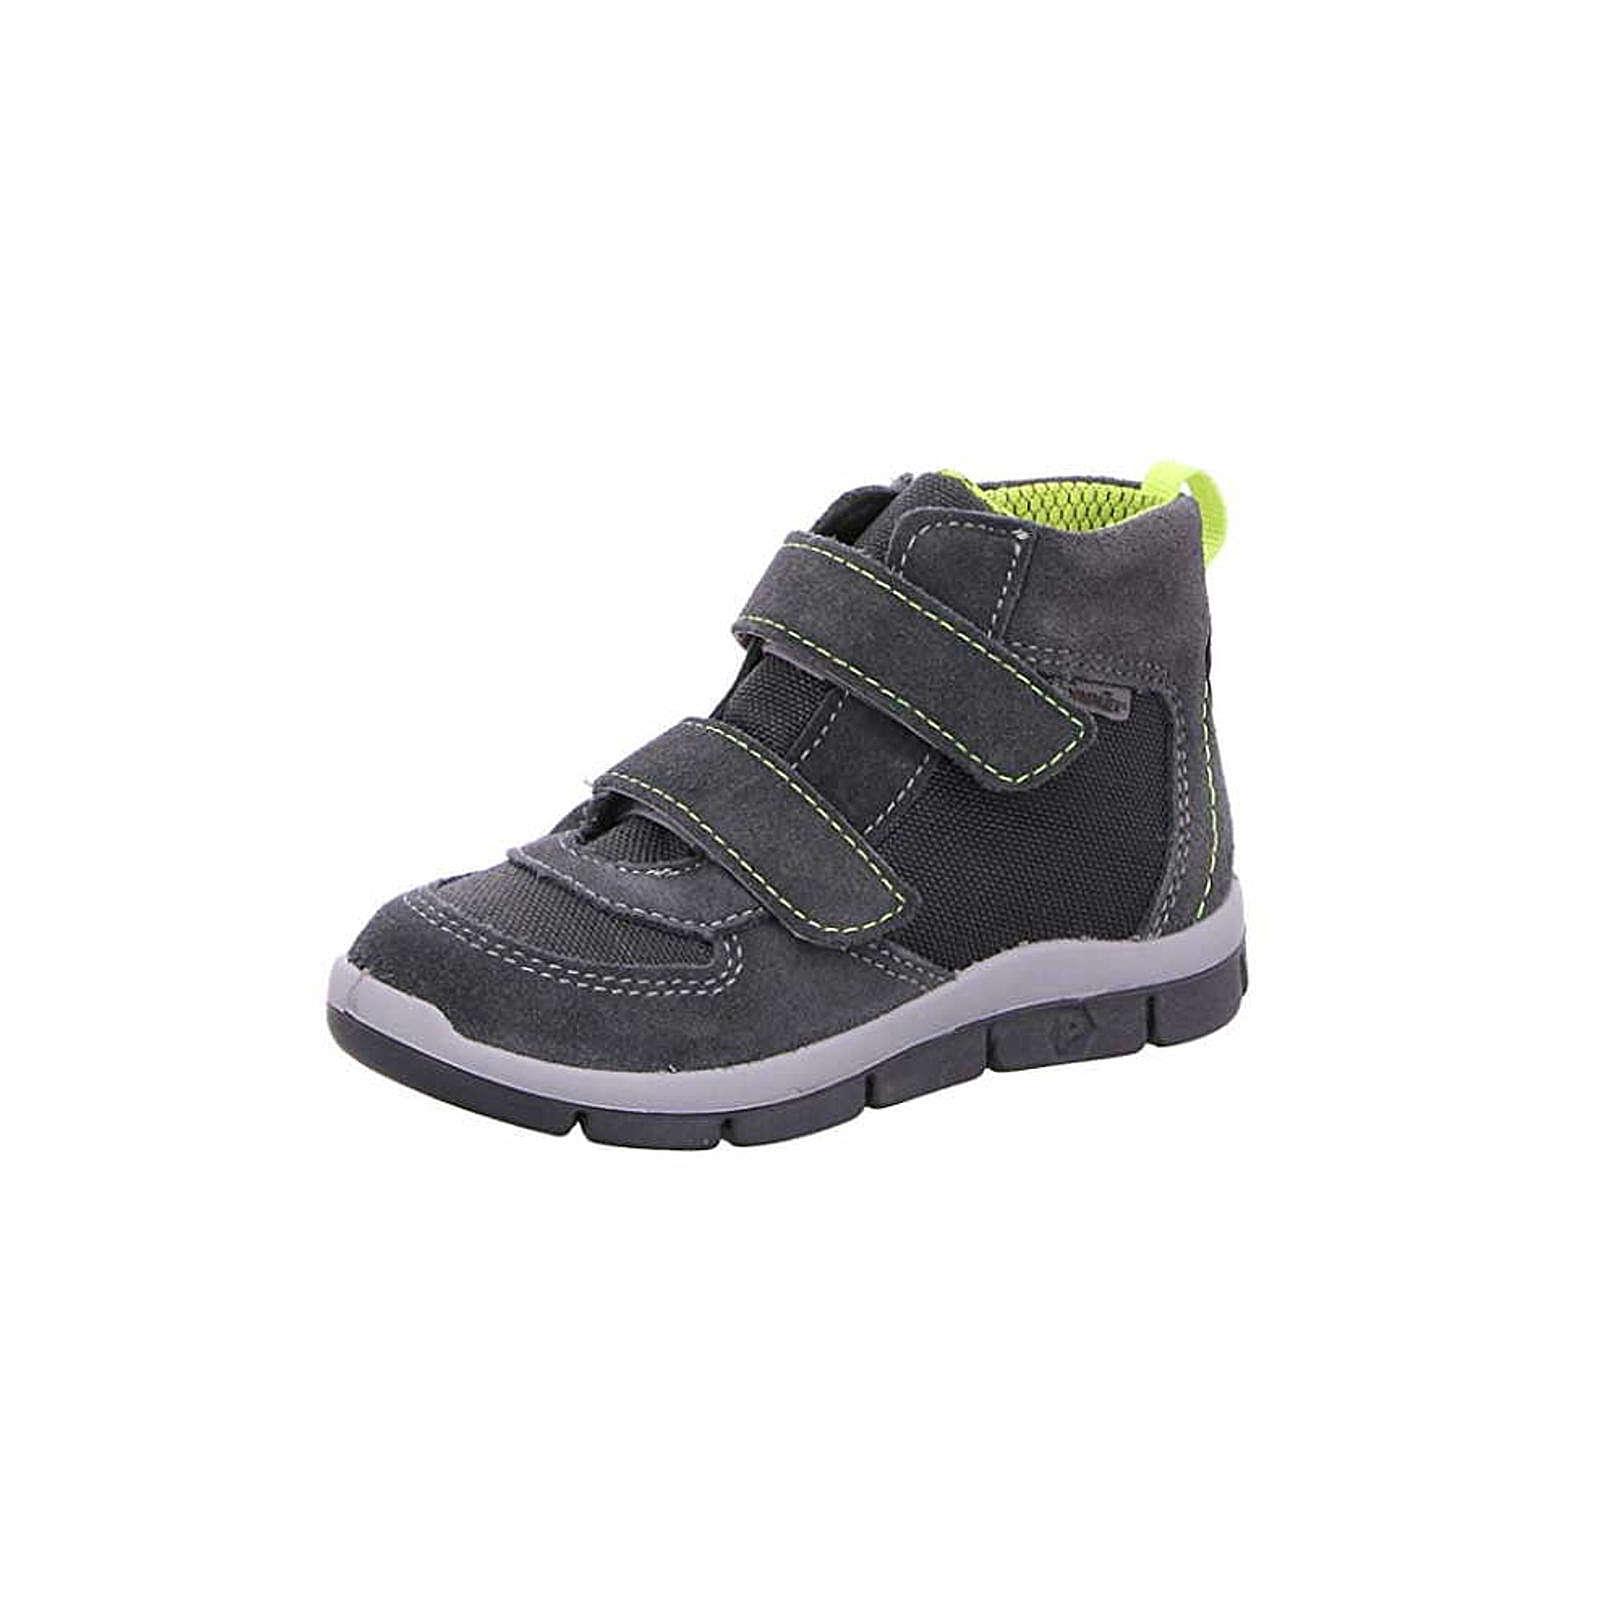 RICOSTA Stiefel für Jungen grau Junge Gr. 21